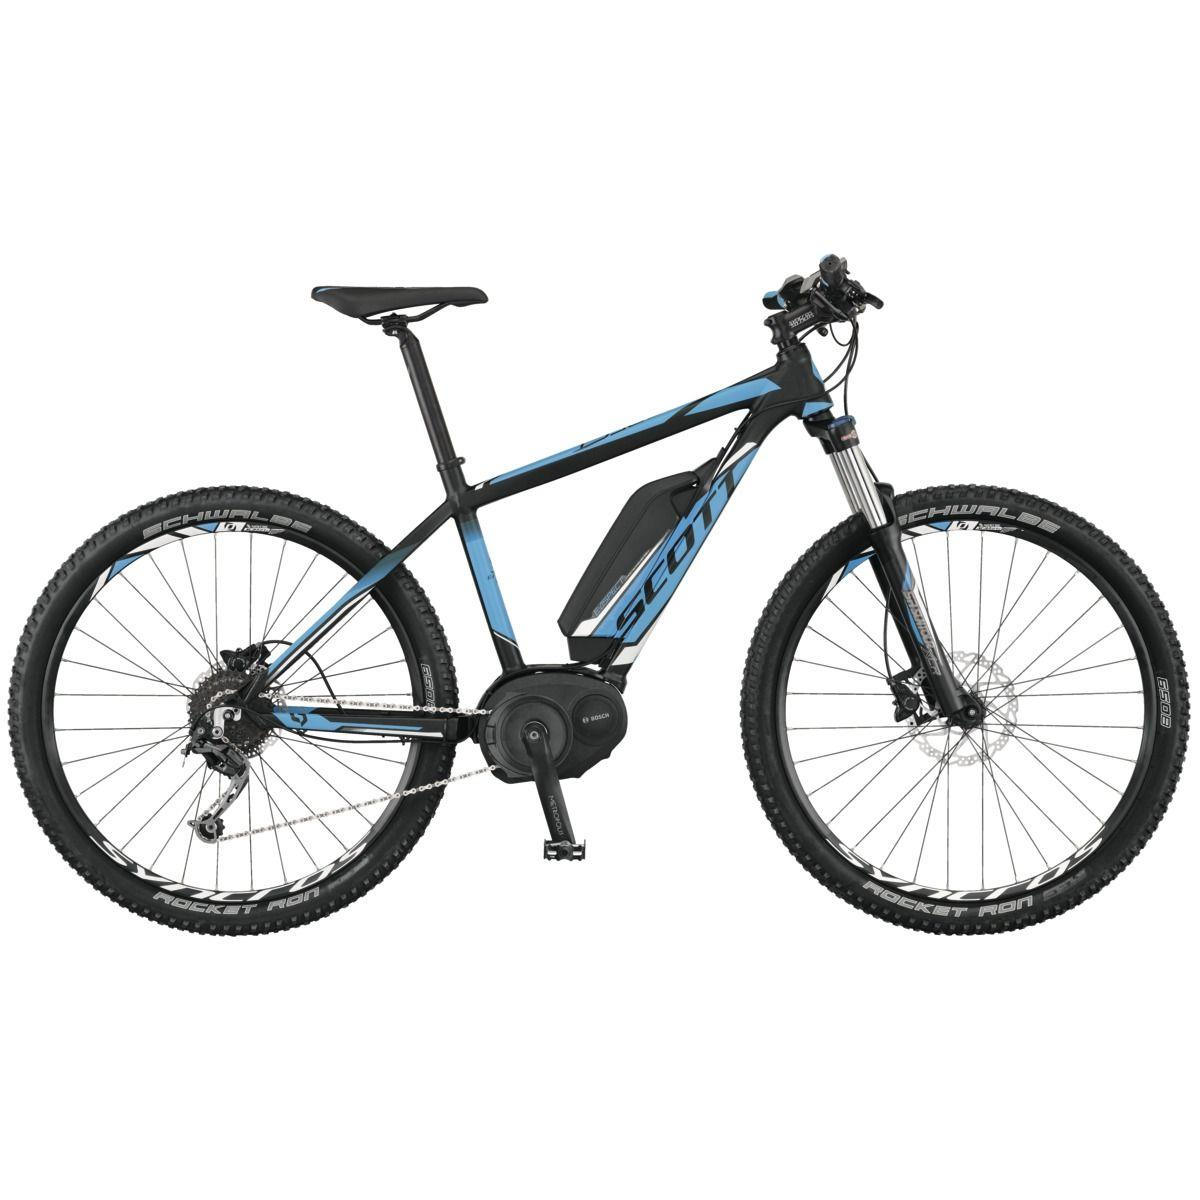 Noleggio biciclette elettroniche presso l'ufficio turistico di Caldaro